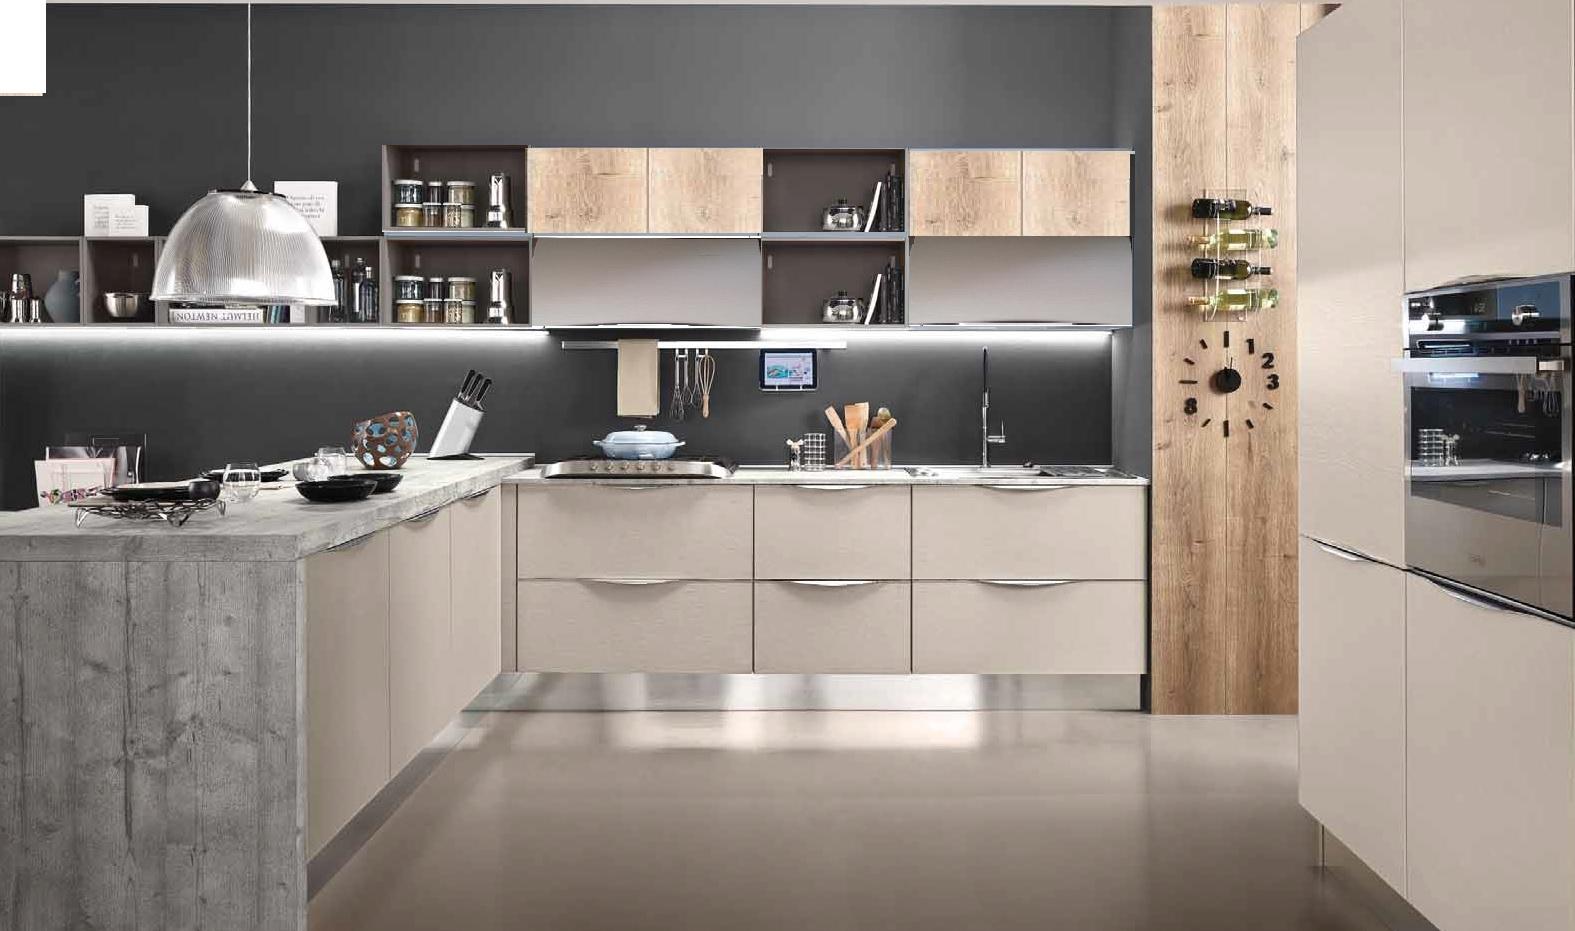 Cucina In Cemento - Modelos De Casas - Justrigs.com